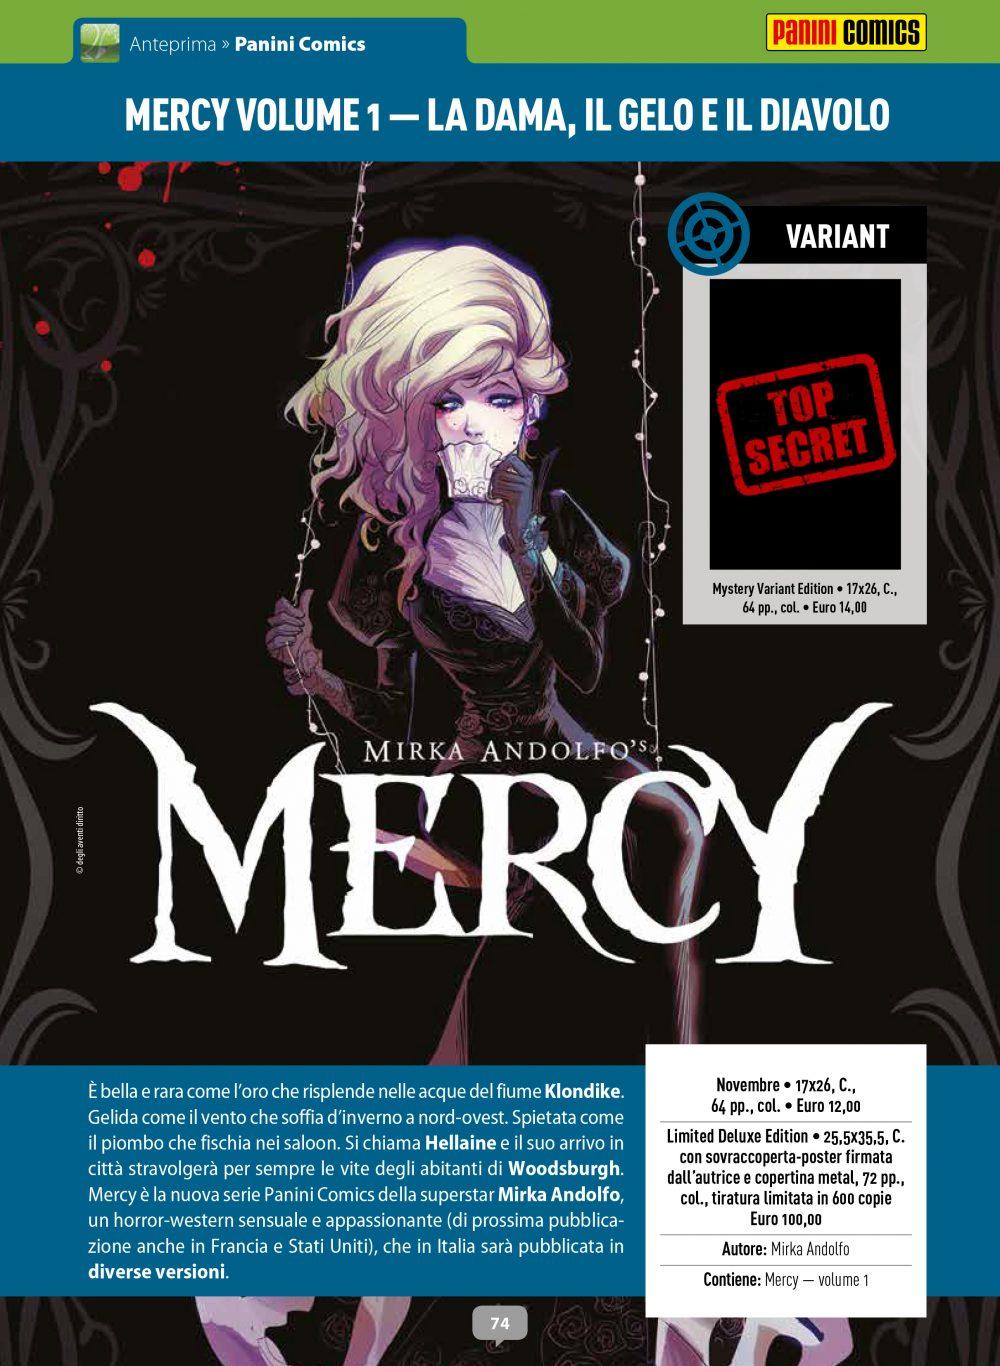 Mercy volume 1: la dama, il gelo e il diavolo, copertina di Mirka Andolfo